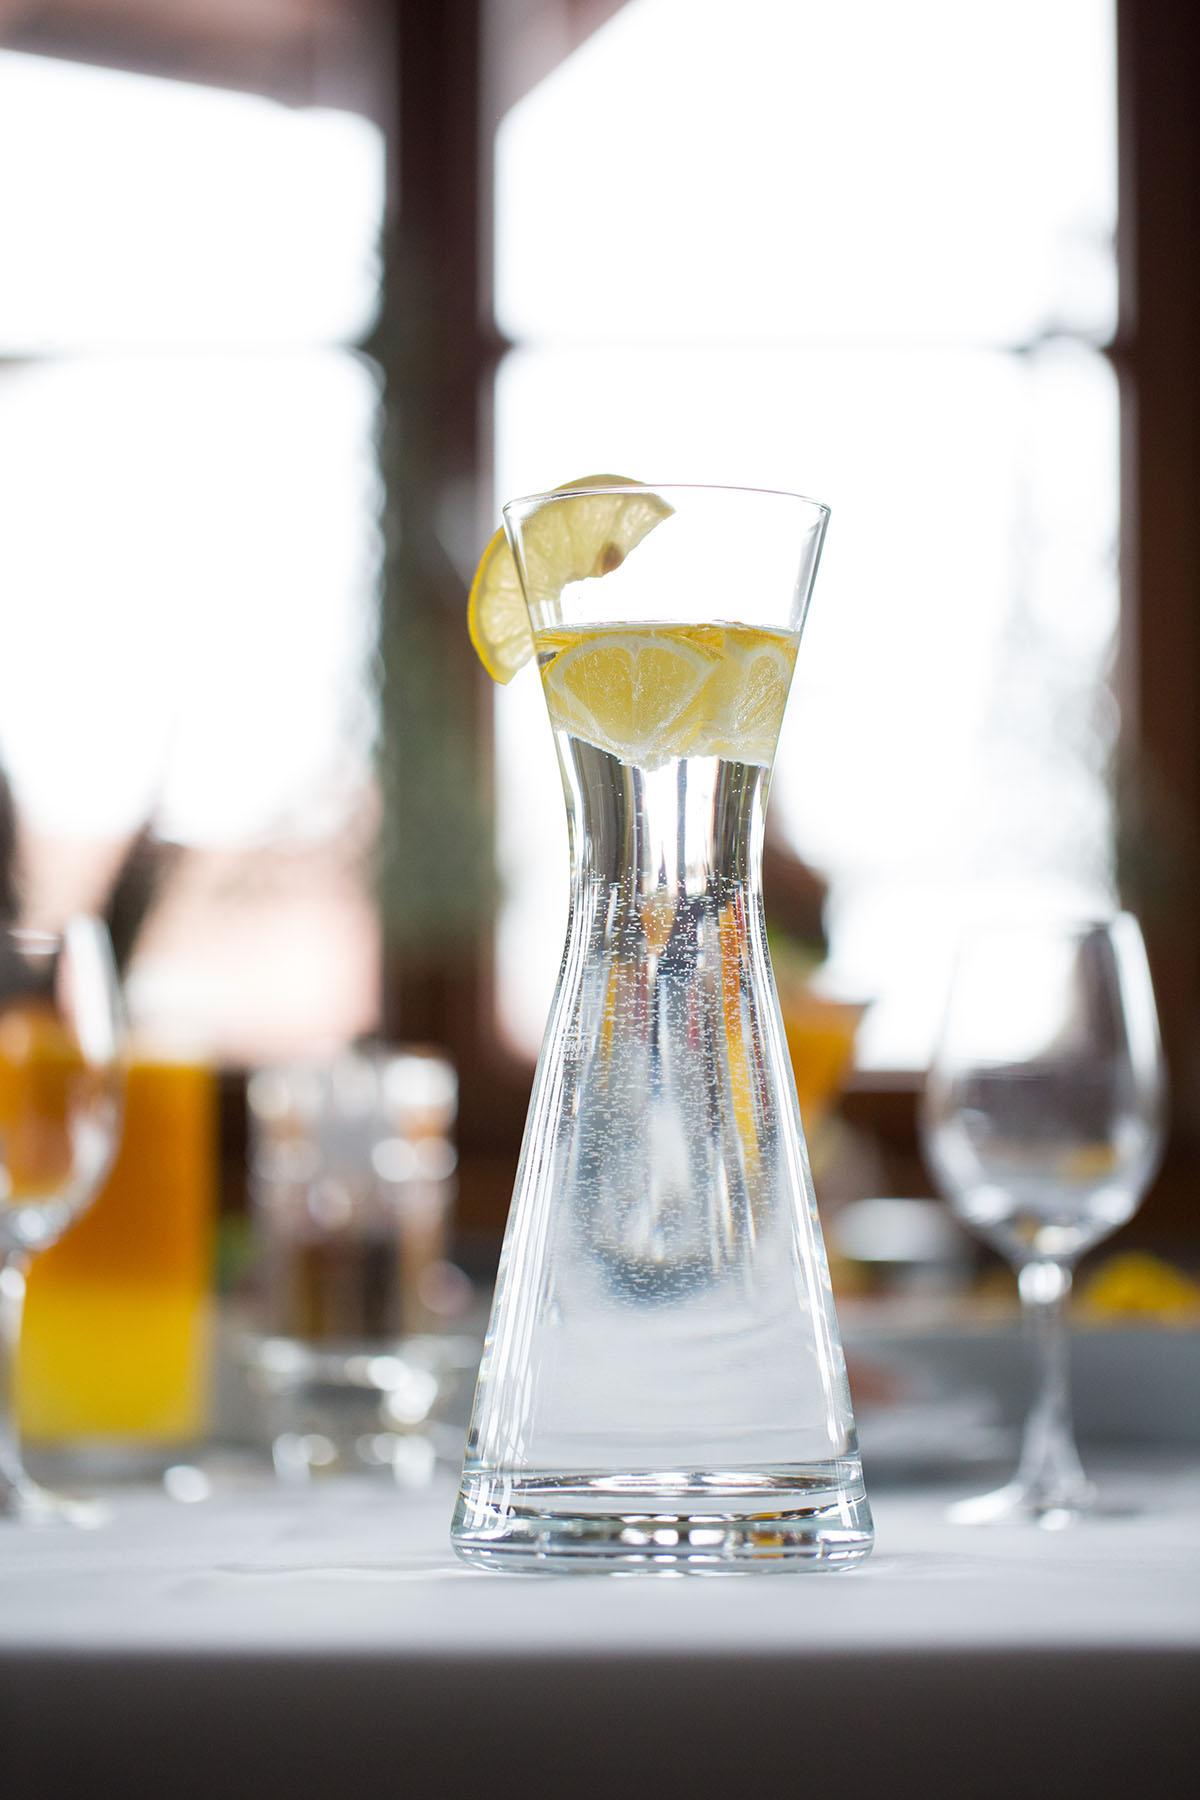 Die Kur unterteilt sich in Trink- und Trockentage